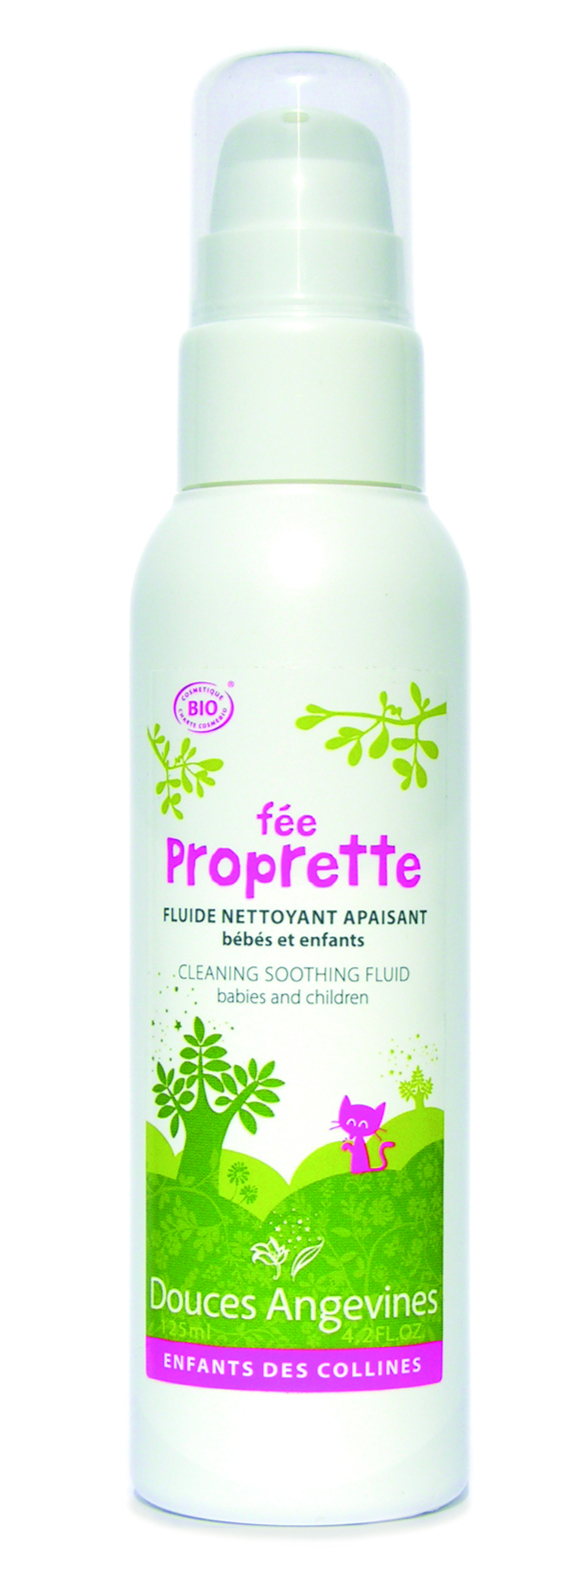 Doux Good - Douces angevines - Proprette pour nettoyer le visage de bebe